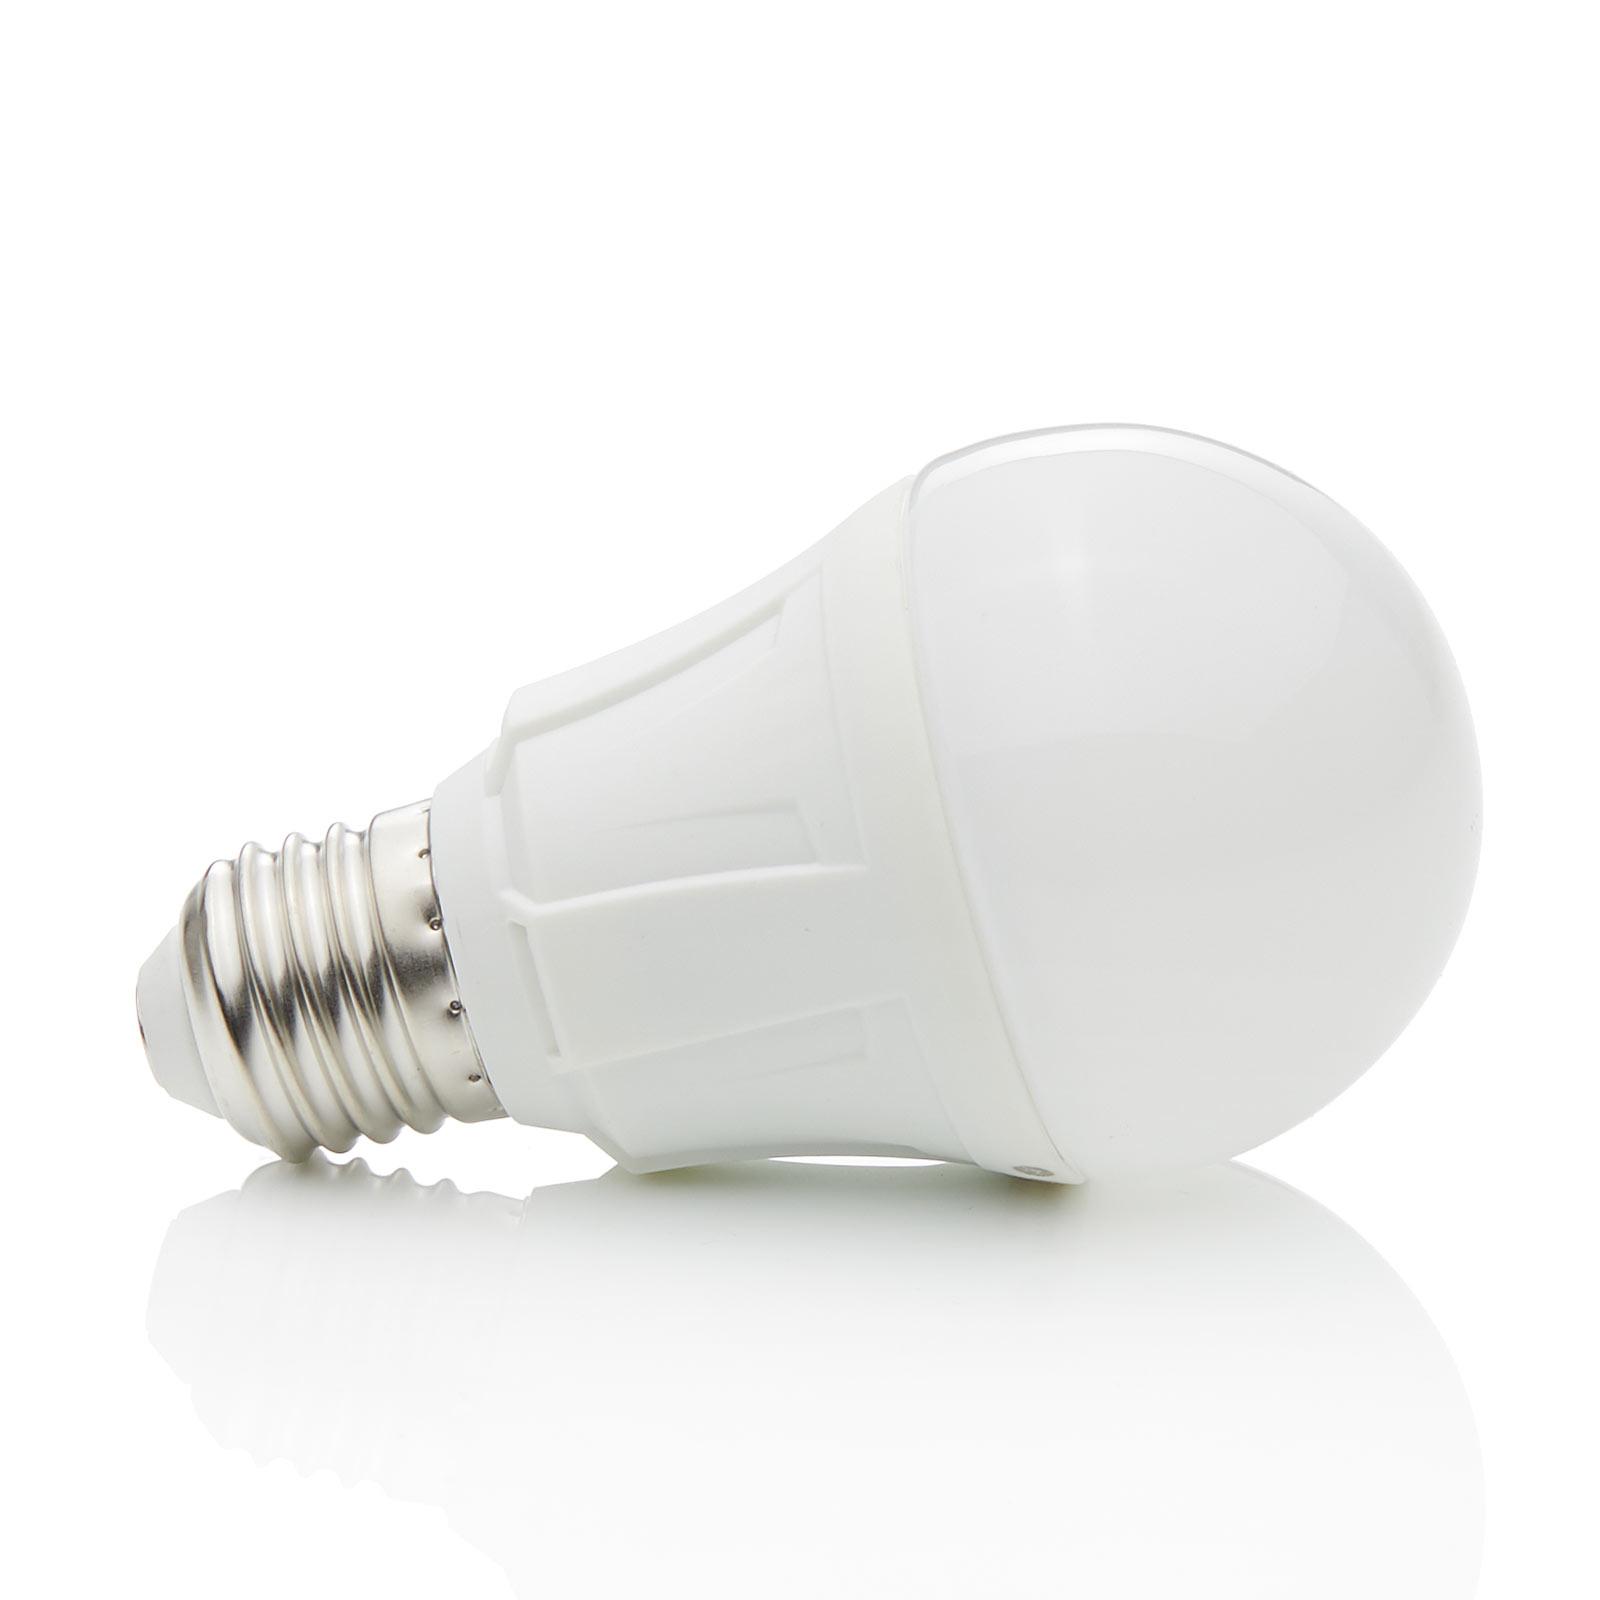 E27 9W 830 LED žiarovka klasický tvar teplá biela_9993001_1